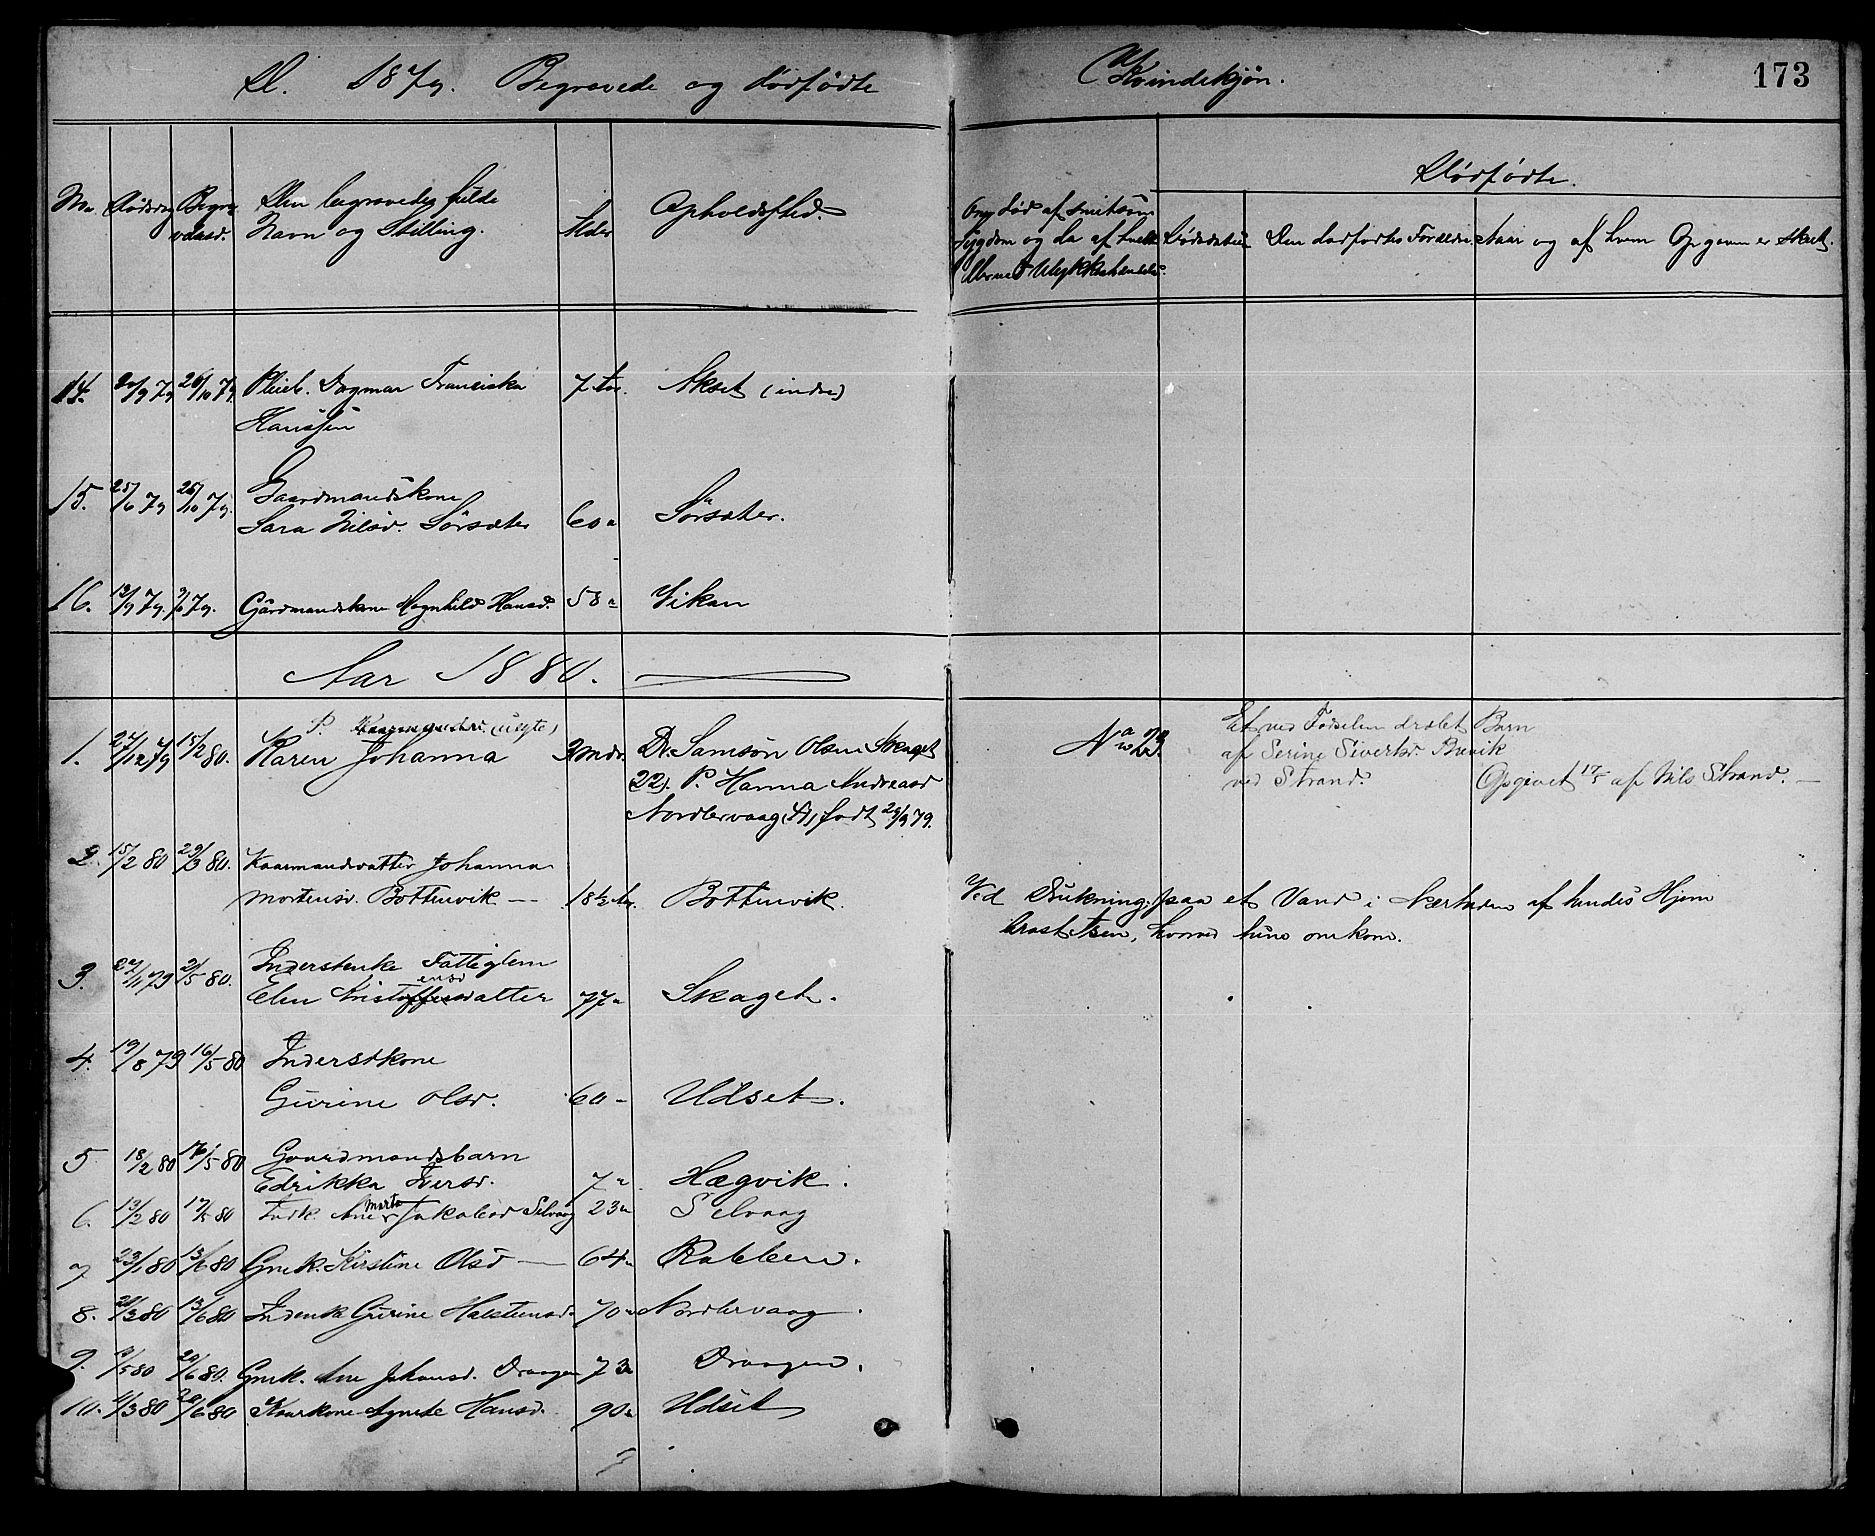 SAT, Ministerialprotokoller, klokkerbøker og fødselsregistre - Sør-Trøndelag, 637/L0561: Klokkerbok nr. 637C02, 1873-1882, s. 173